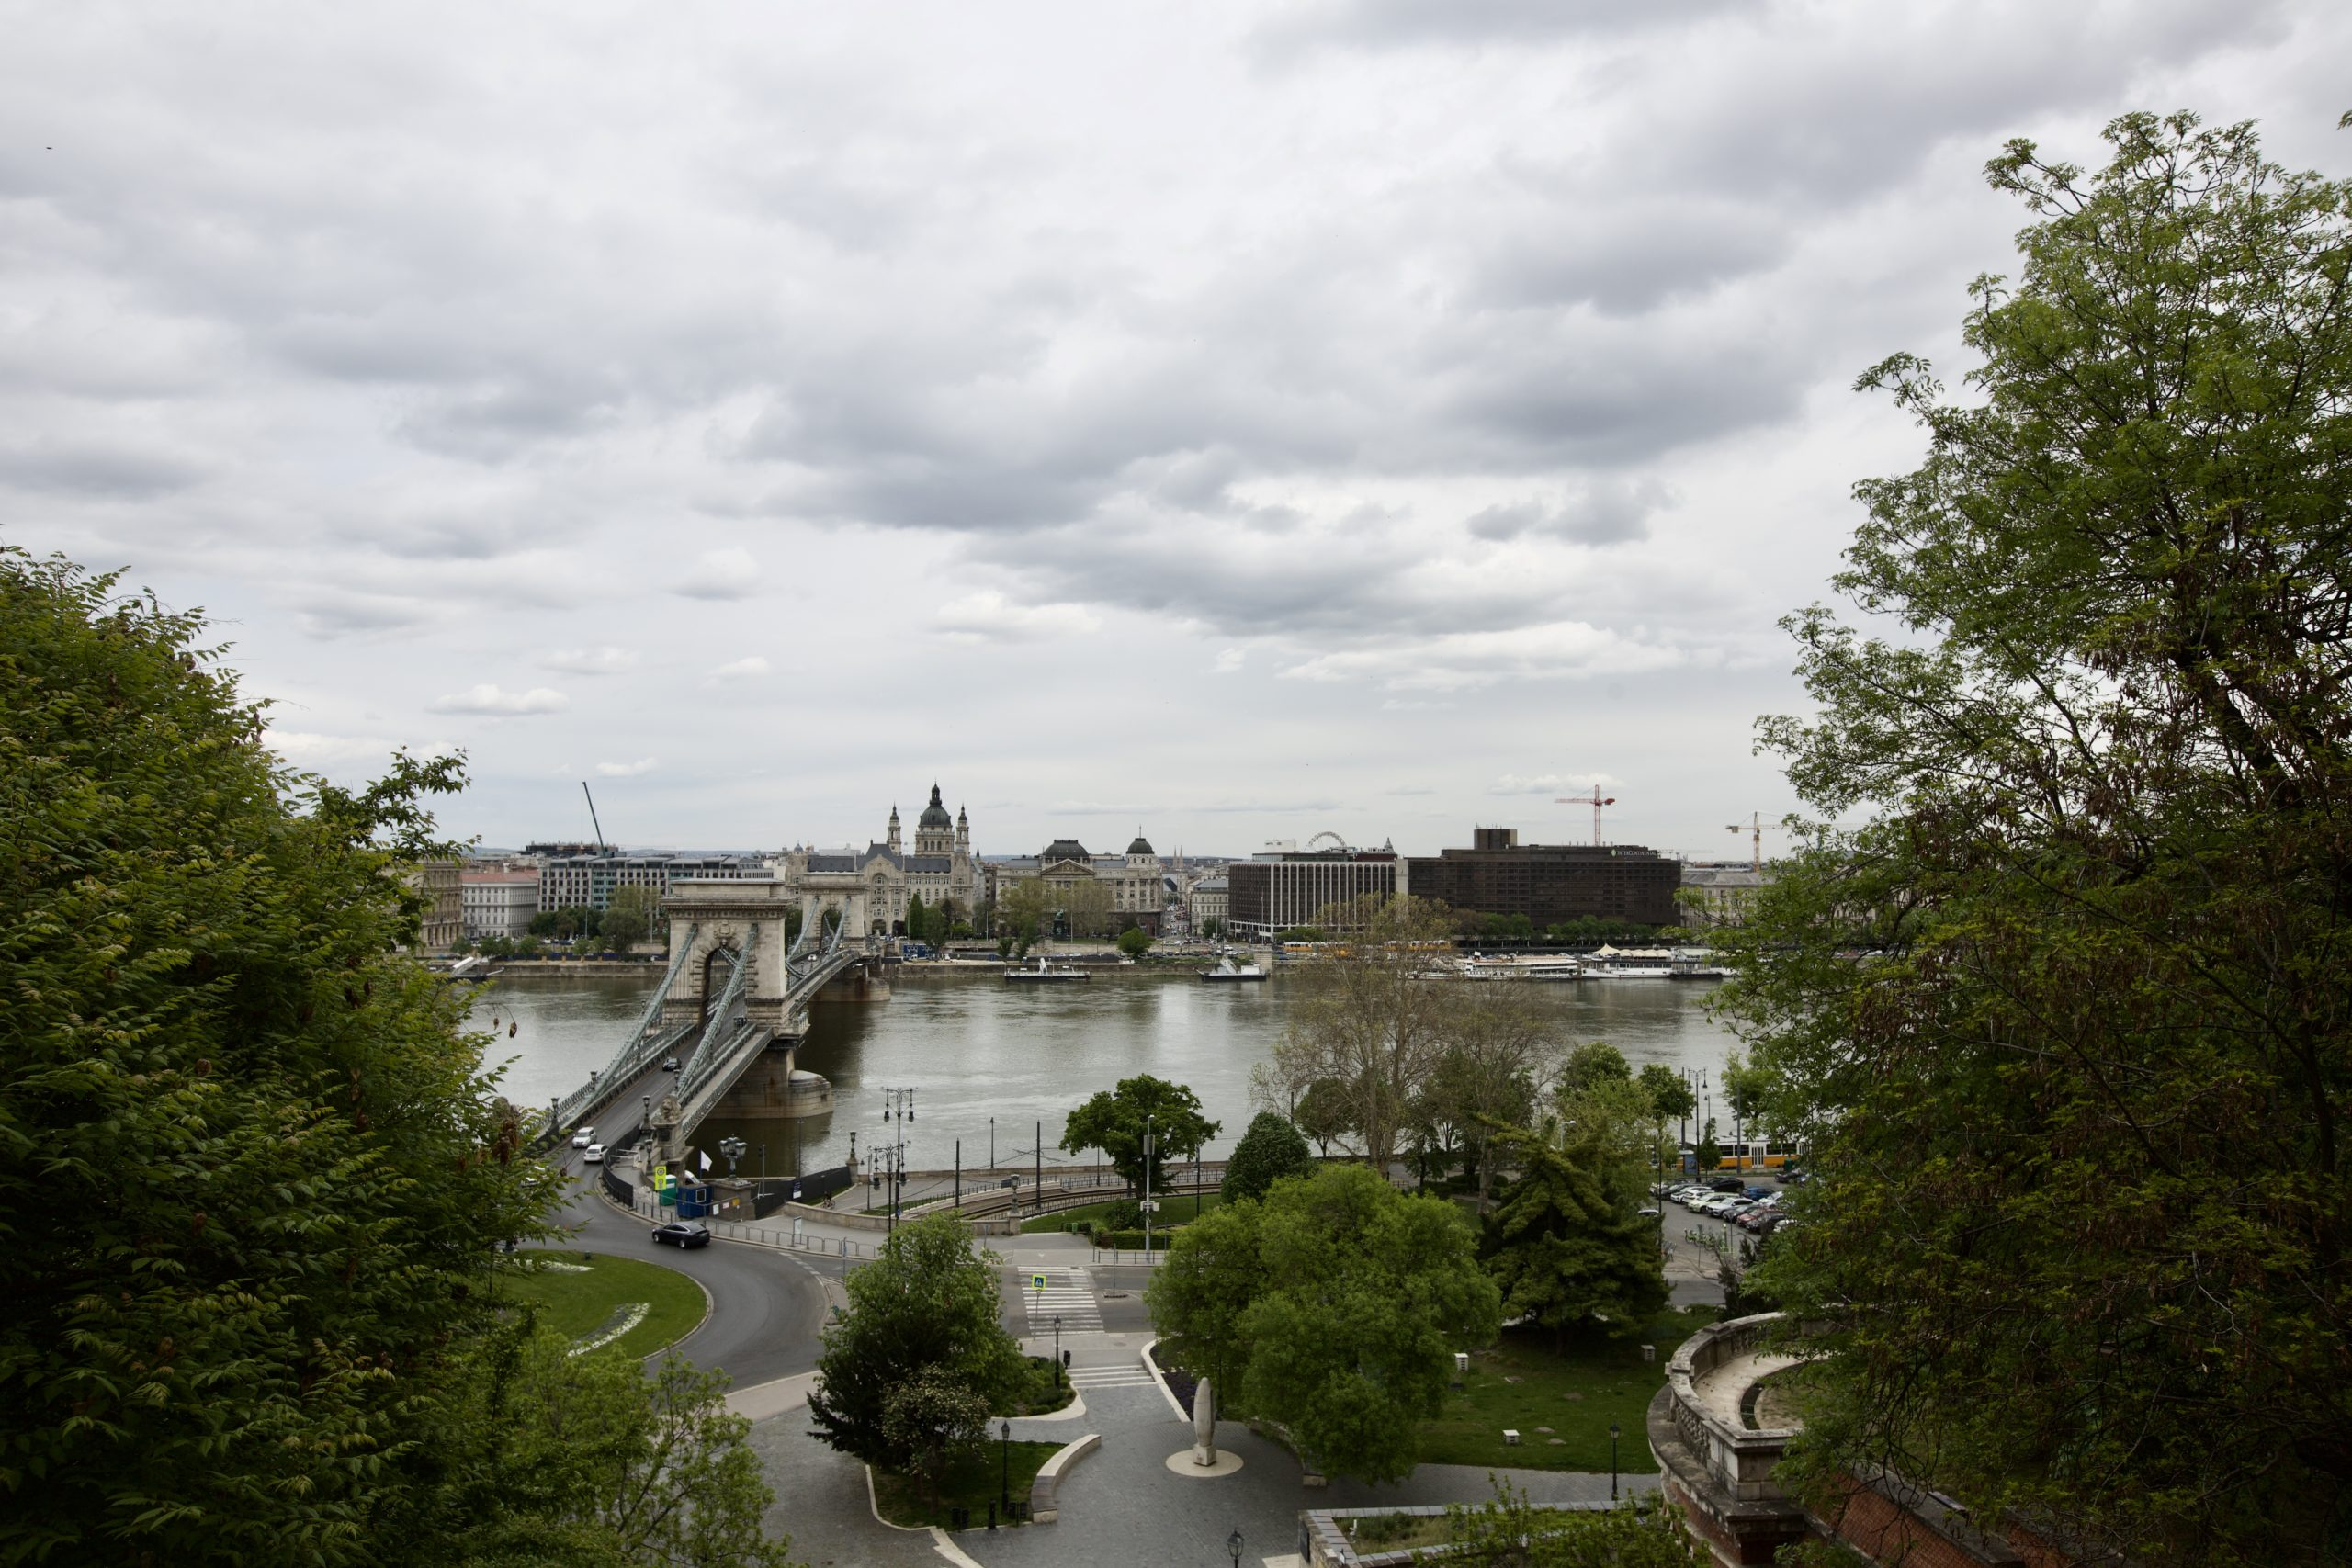 Pénteken az erős lehűlés miatt szükség lehet ismét a kabátra, esernyőre Budapesten is